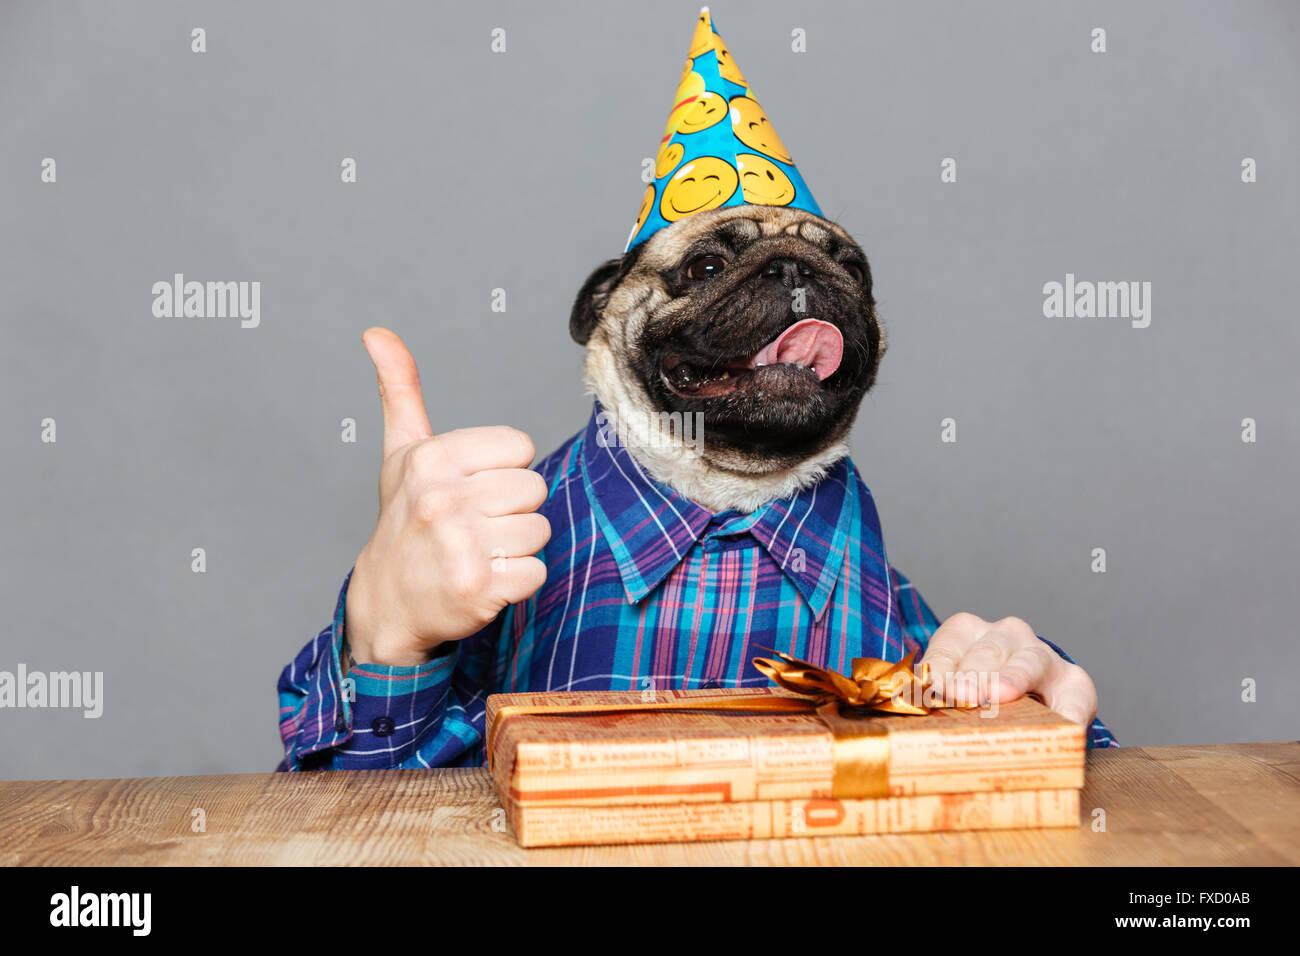 Frohliche Mops Hund Mit Dem Menschen Hande Im Karierten Hemd Und